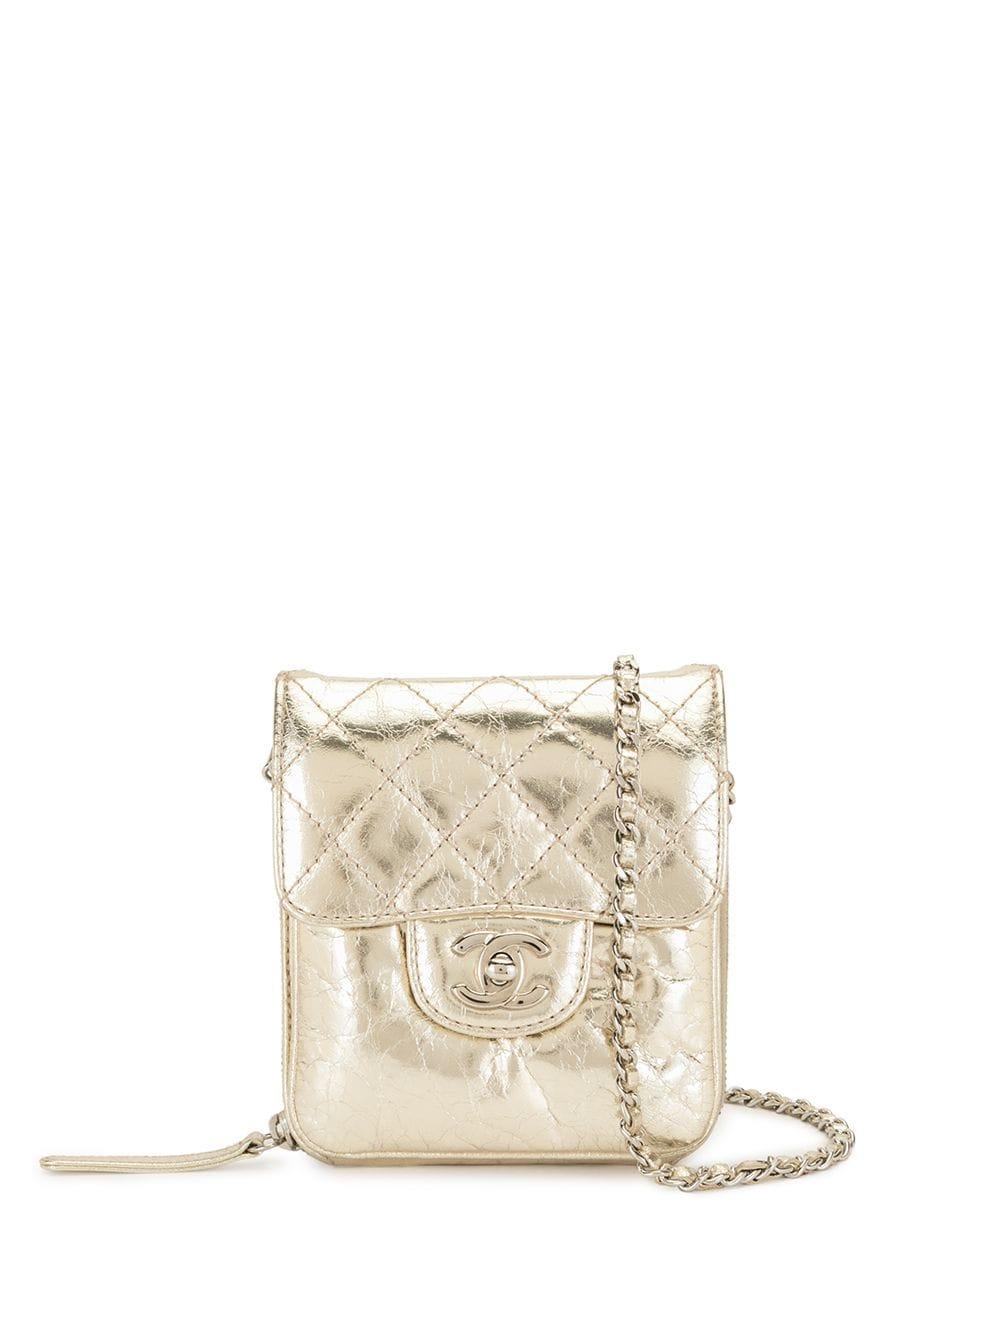 Chanel Pre-Owned 2012-2013 CC-Umhängetasche mit Rautensteppung - Gold